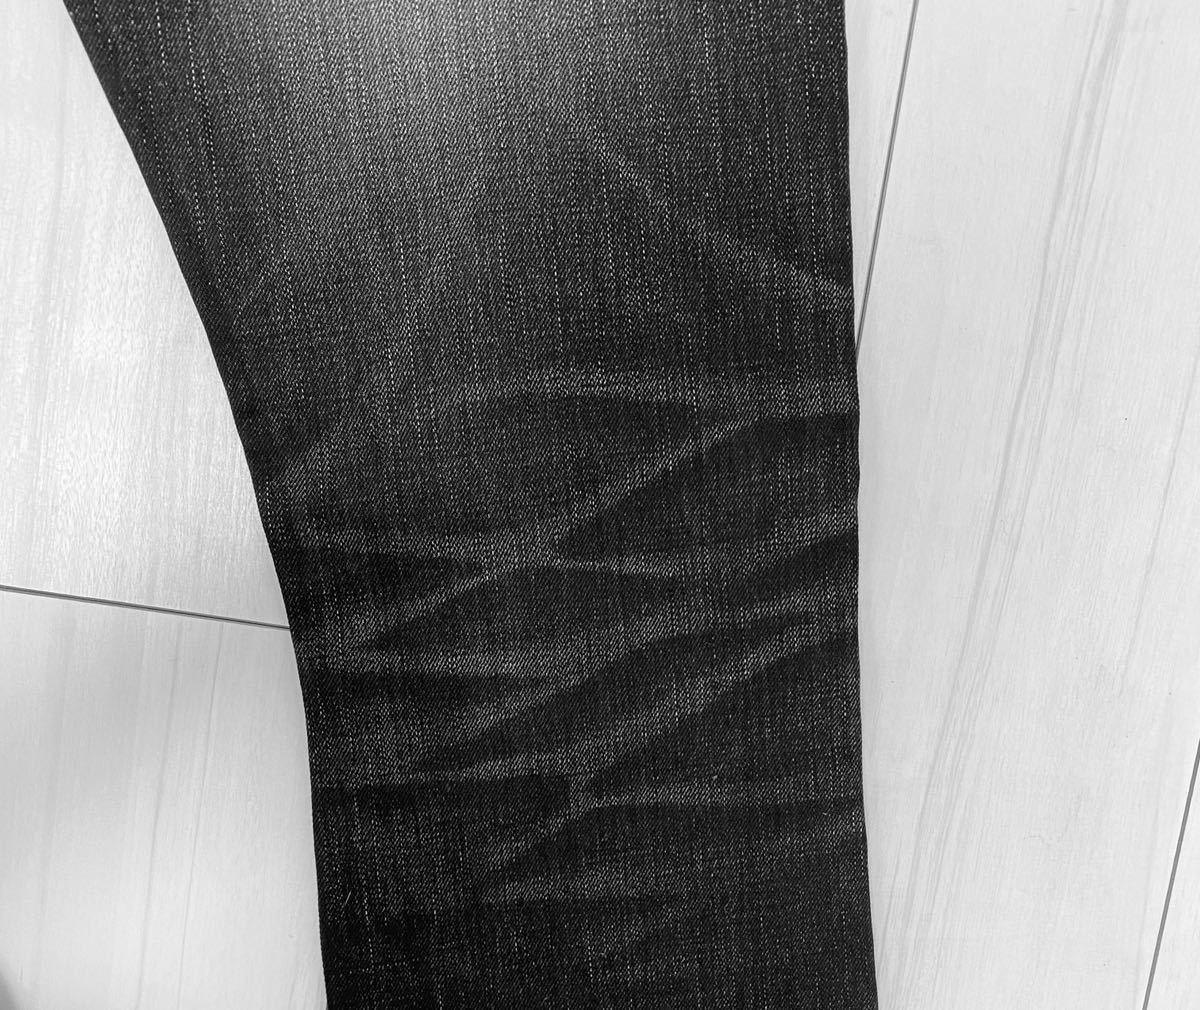 【名作】SHELLAC クラッシュデニムパンツ 46 シェラック ダメージデニム ブラックデニム黒デニム 5351wjkroaroenstrumバックボーン清春着